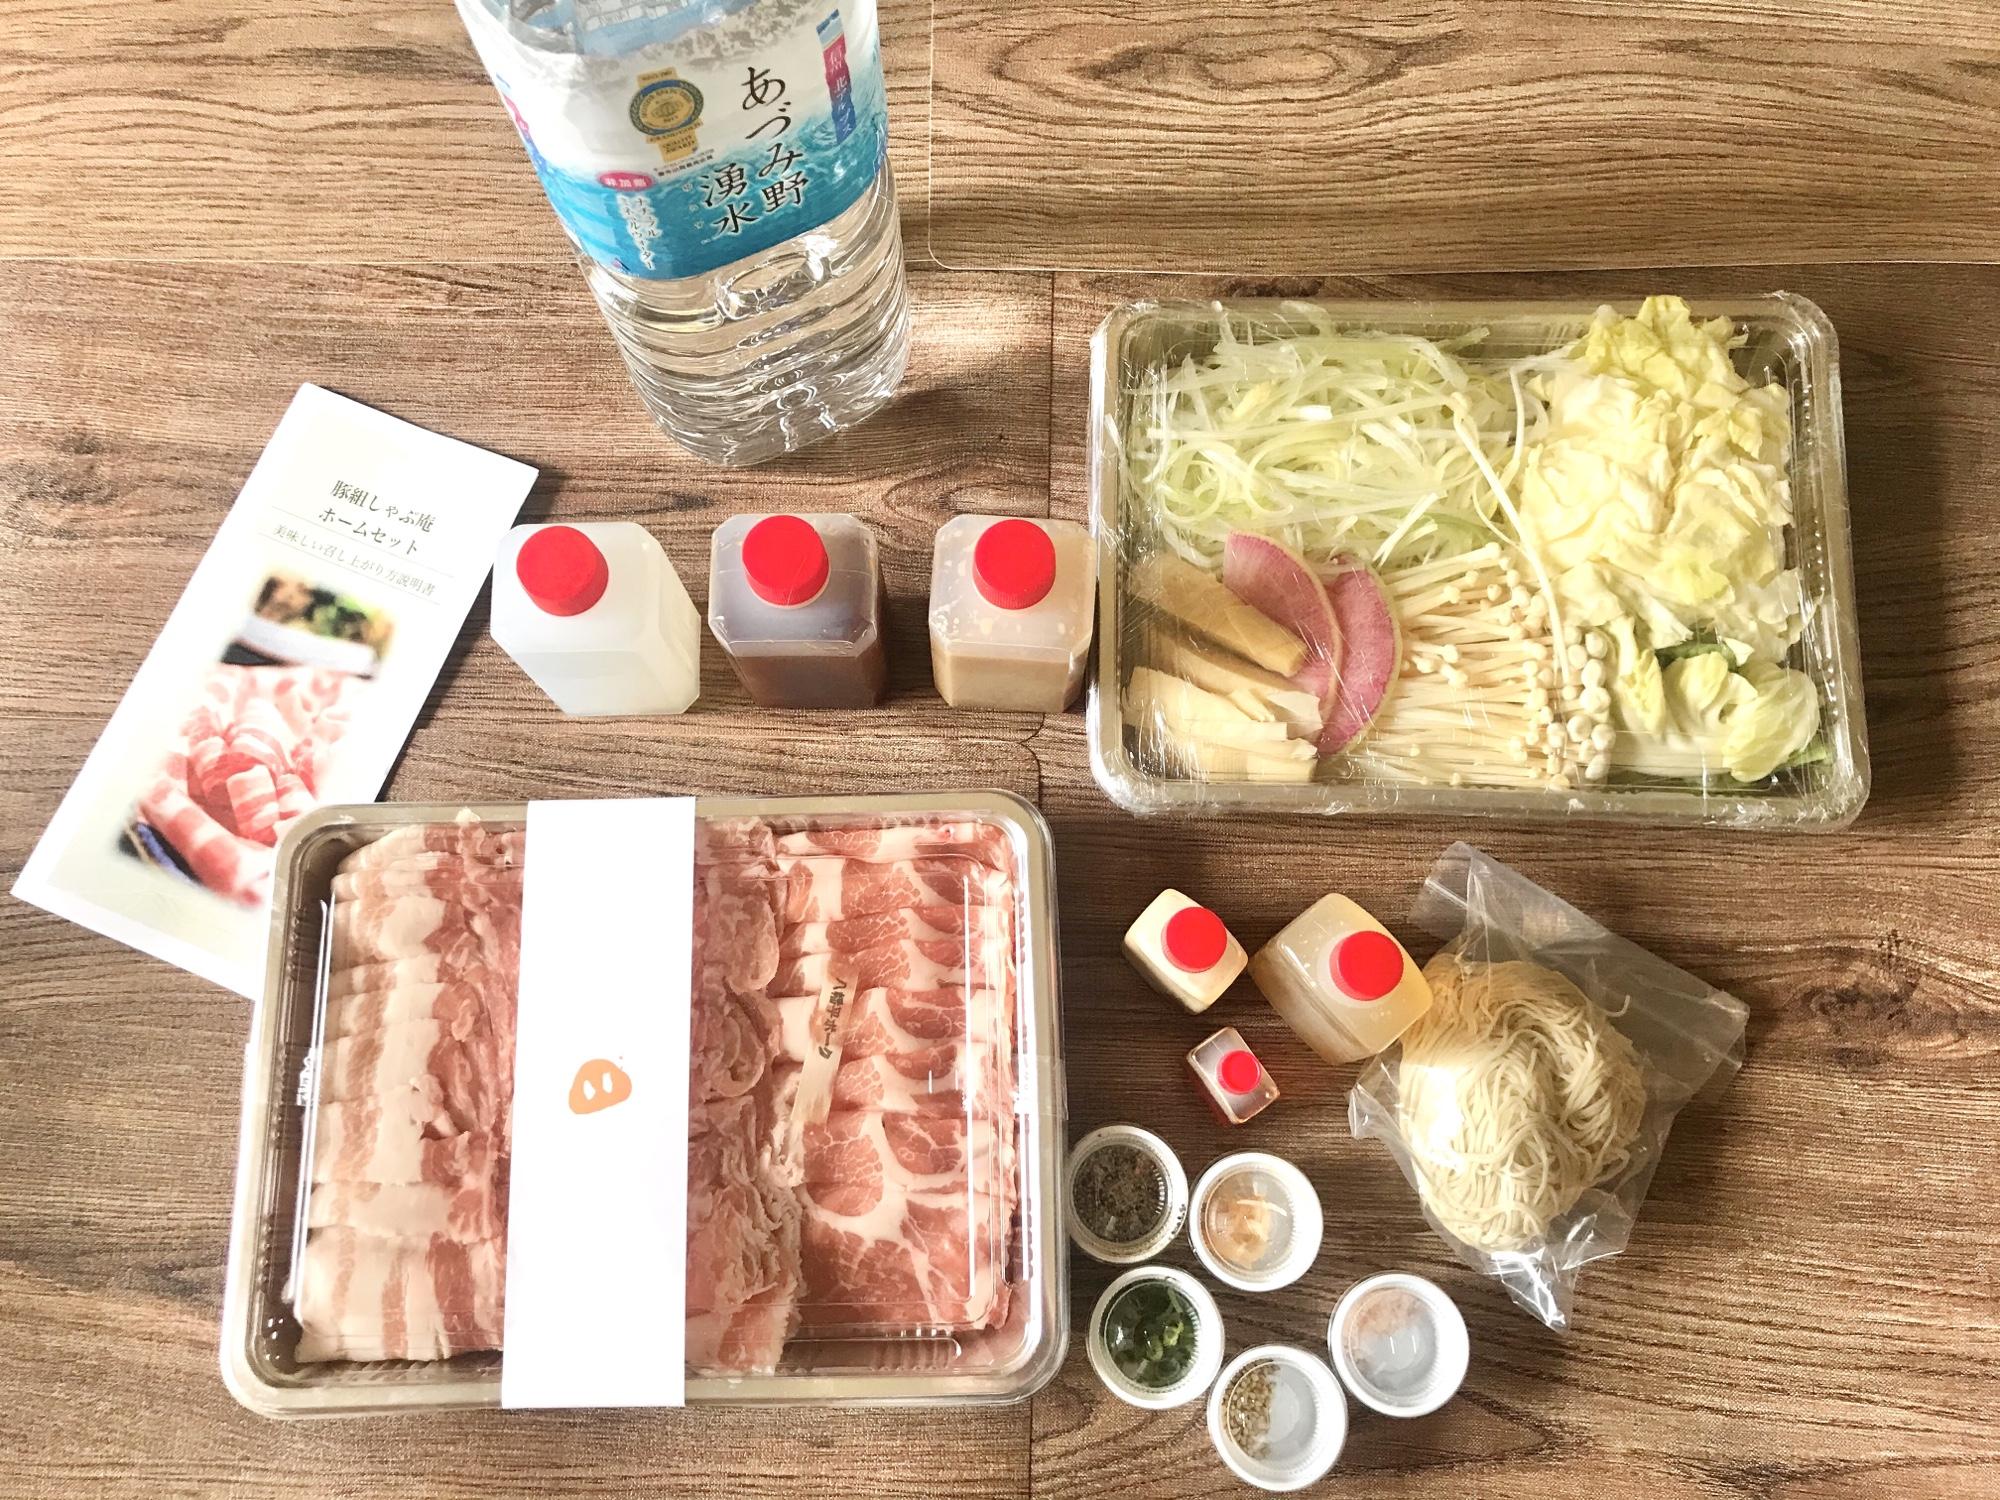 豚組しゃぶ庵ホームセット内容や値段 レシピ